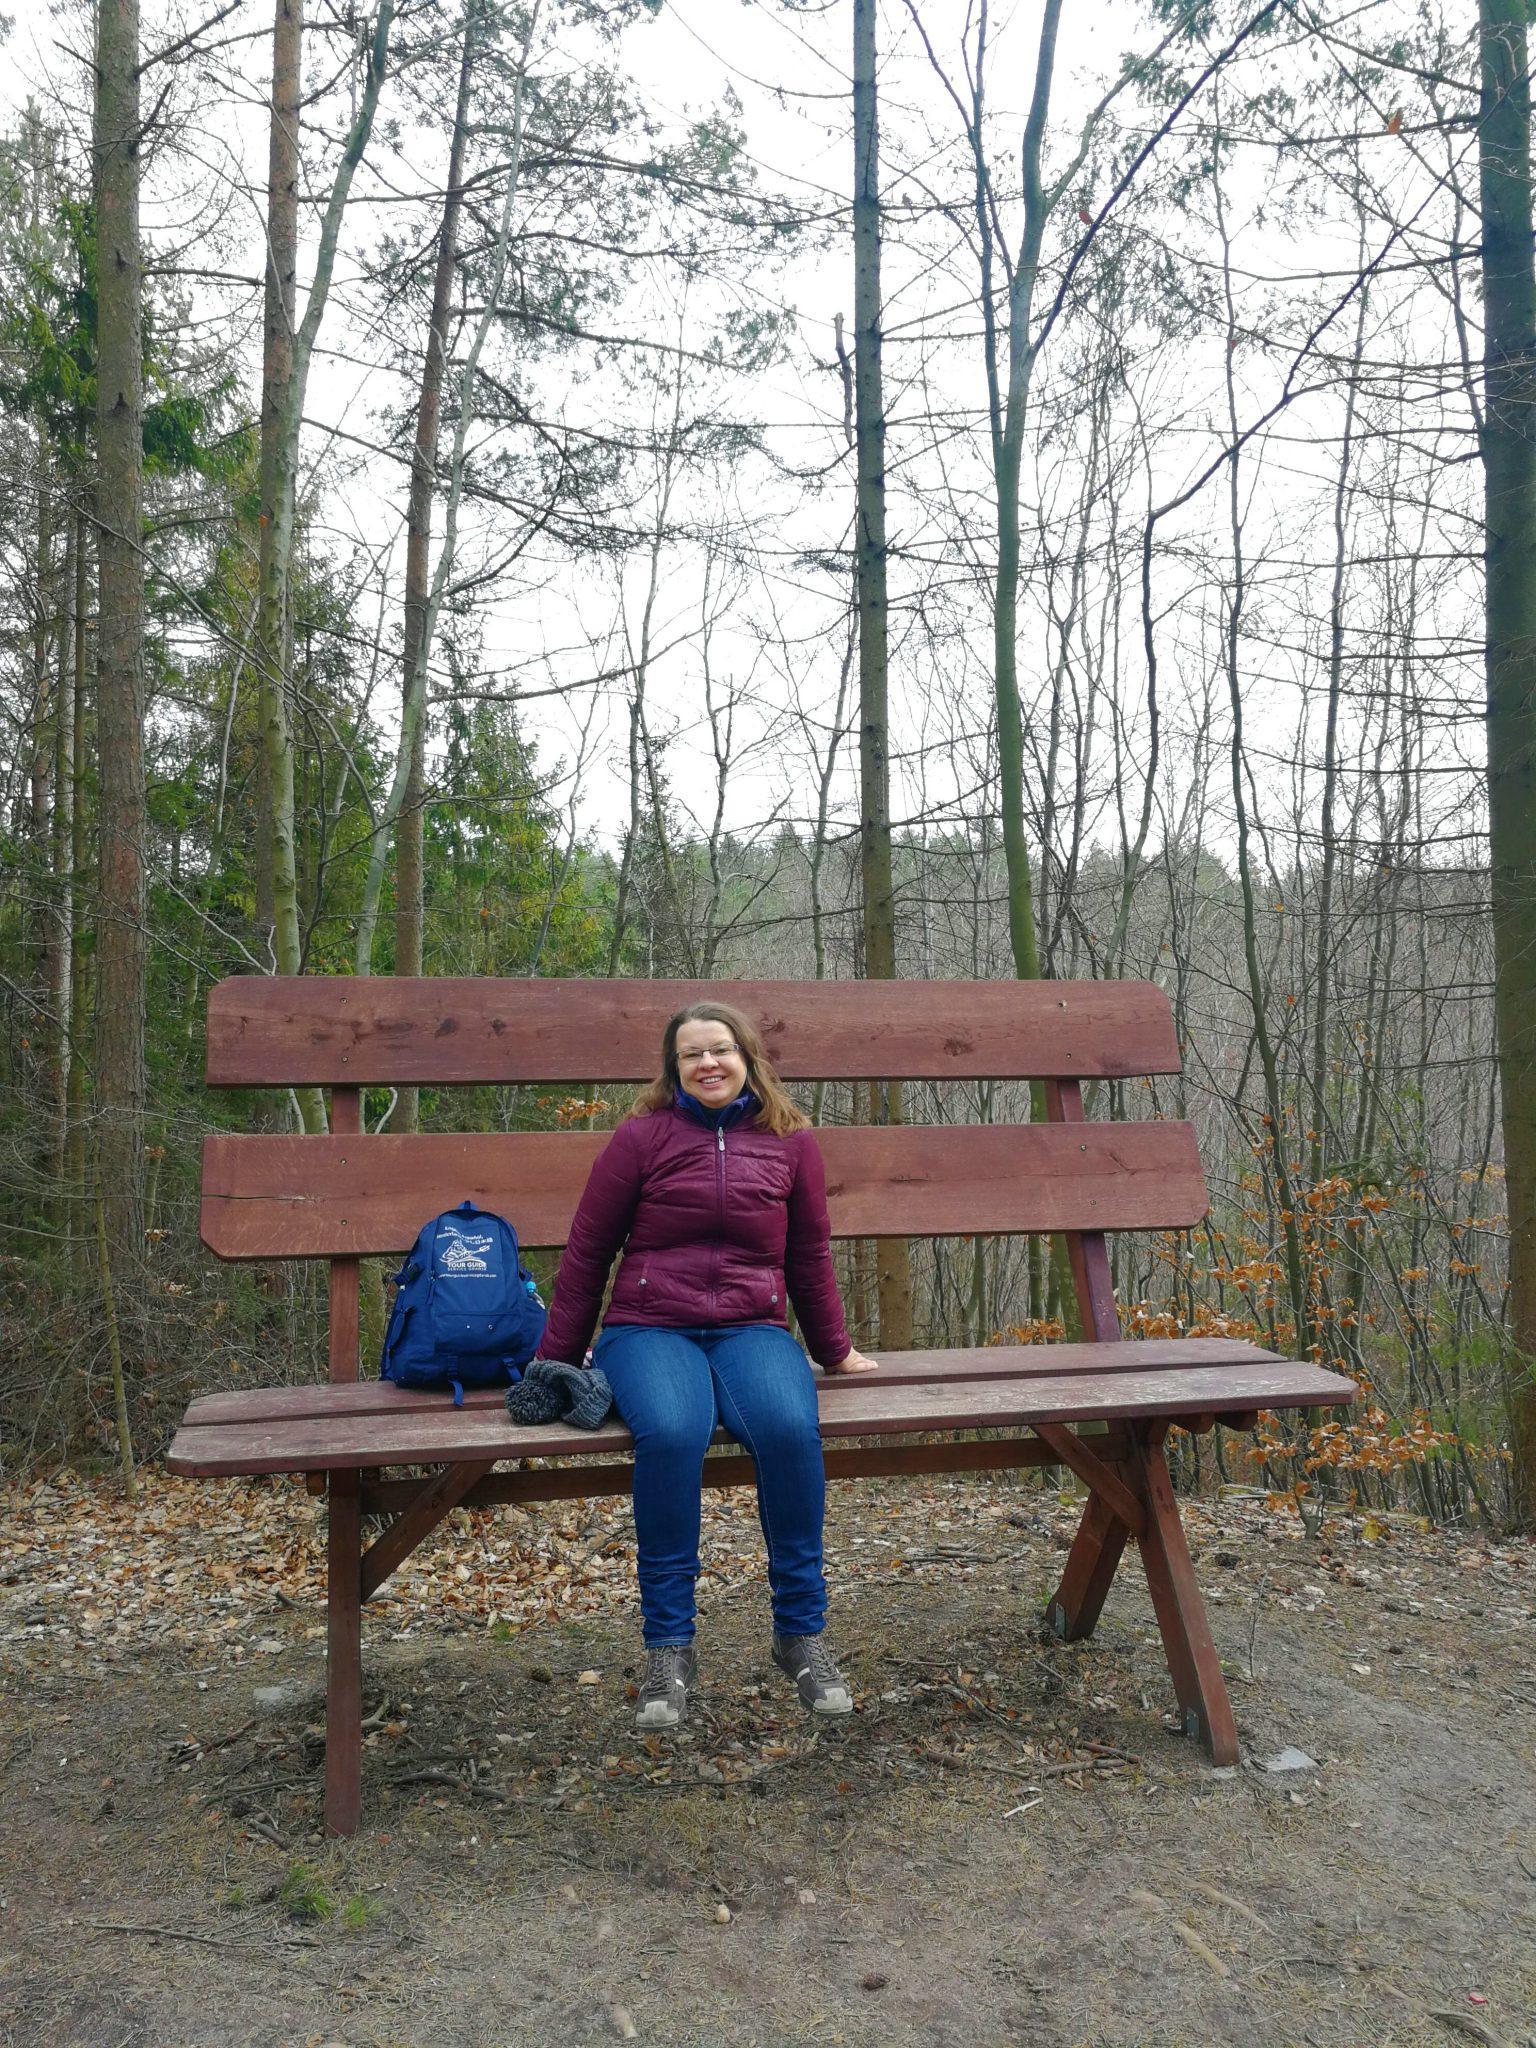 Szlak-Alicji-w-Marszewie-ławki-dla-olbrzymów-na-zdjeciu-Ania-Anna-Kotula-z-Tour-Guide-Service-Gdansk